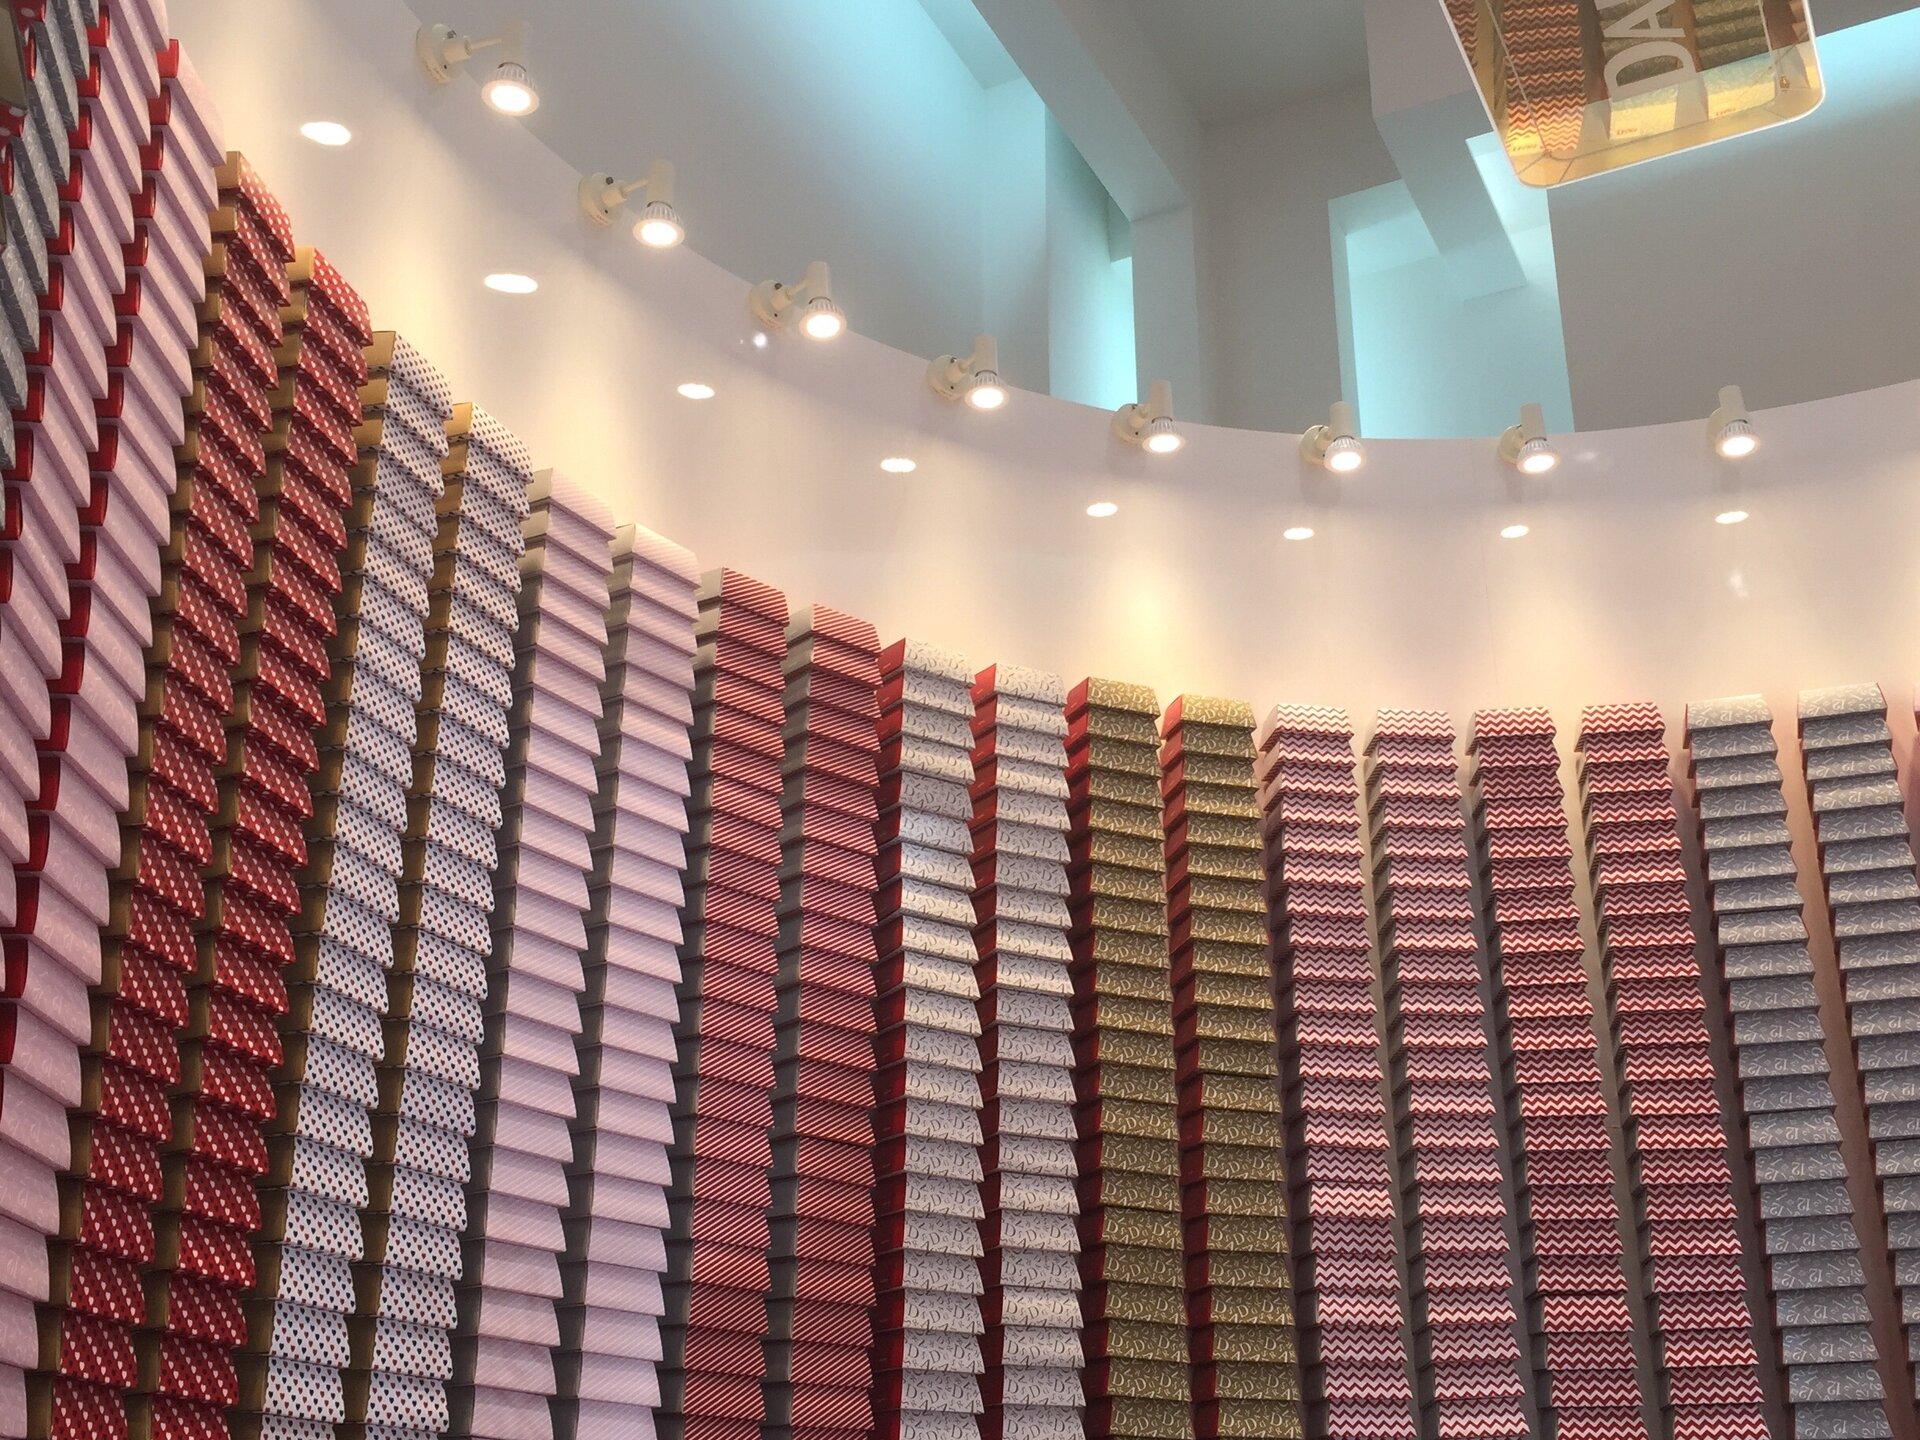 【表参道に「ダースブランドショップ」登場】チョコレートで有名な『ダース』の期間限定ショップ☆